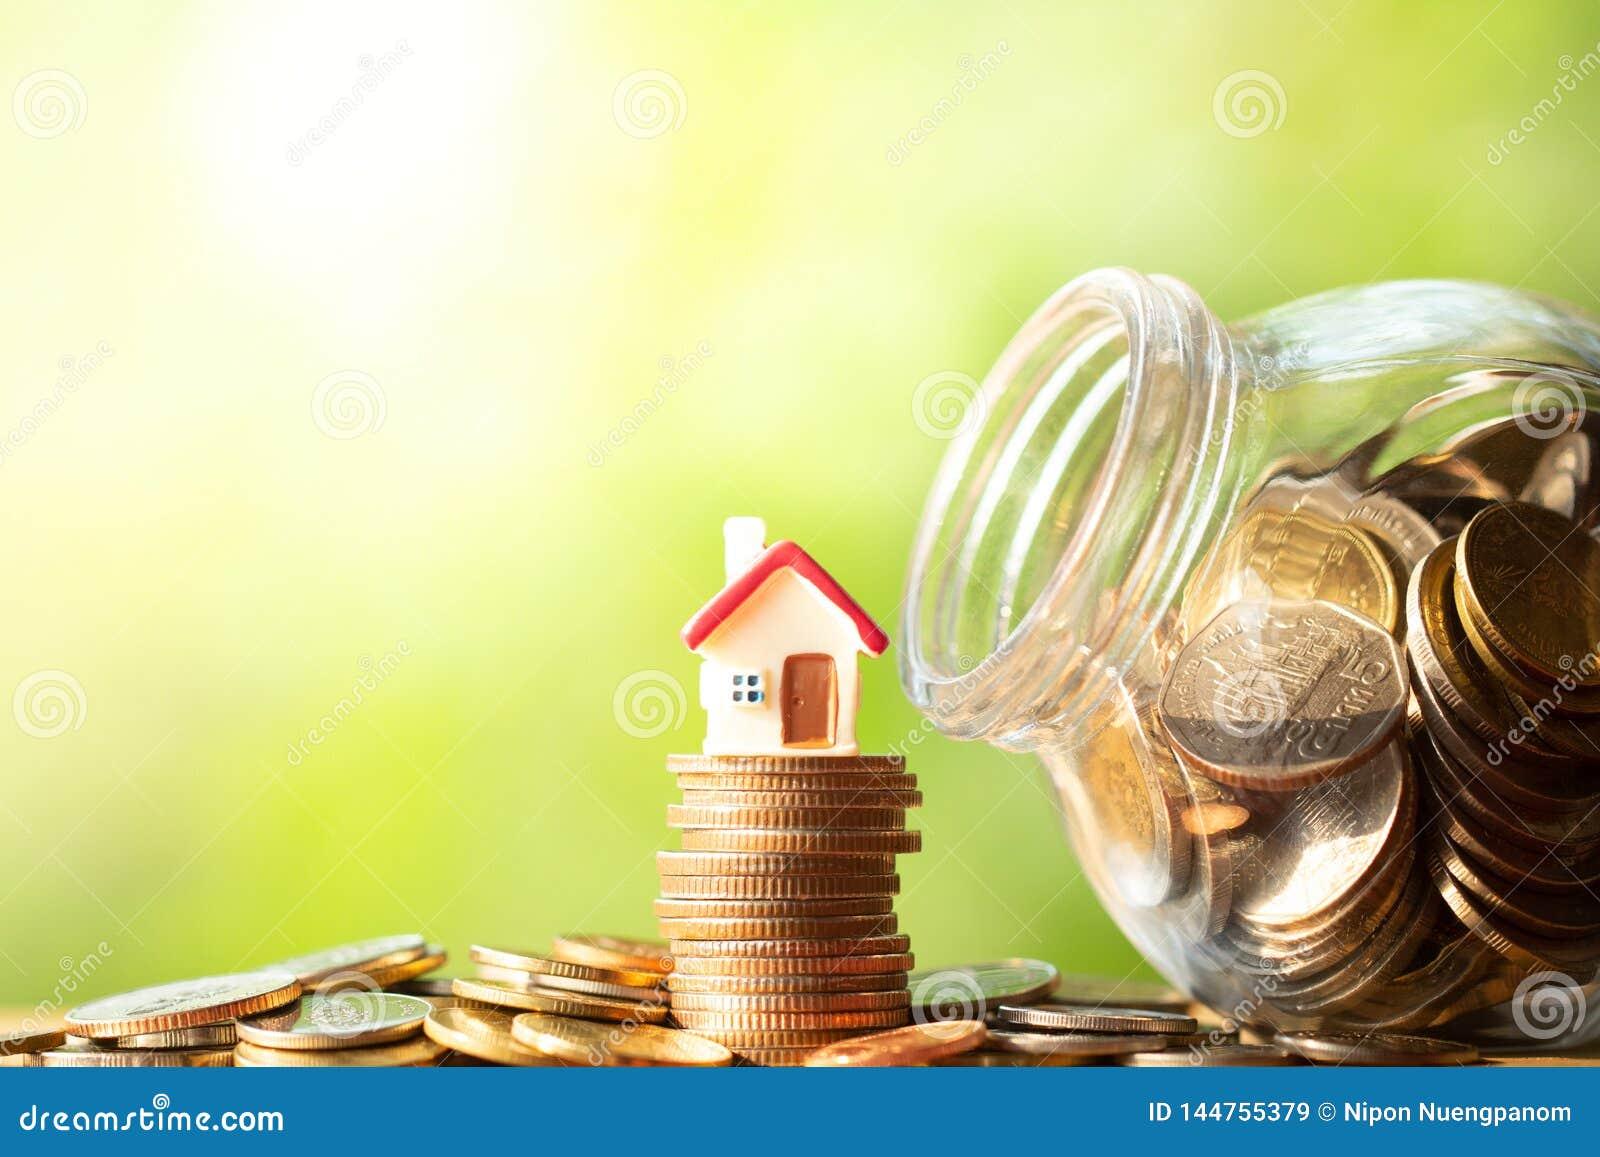 Красная диаграмма формы дома на стоге и куче монеток